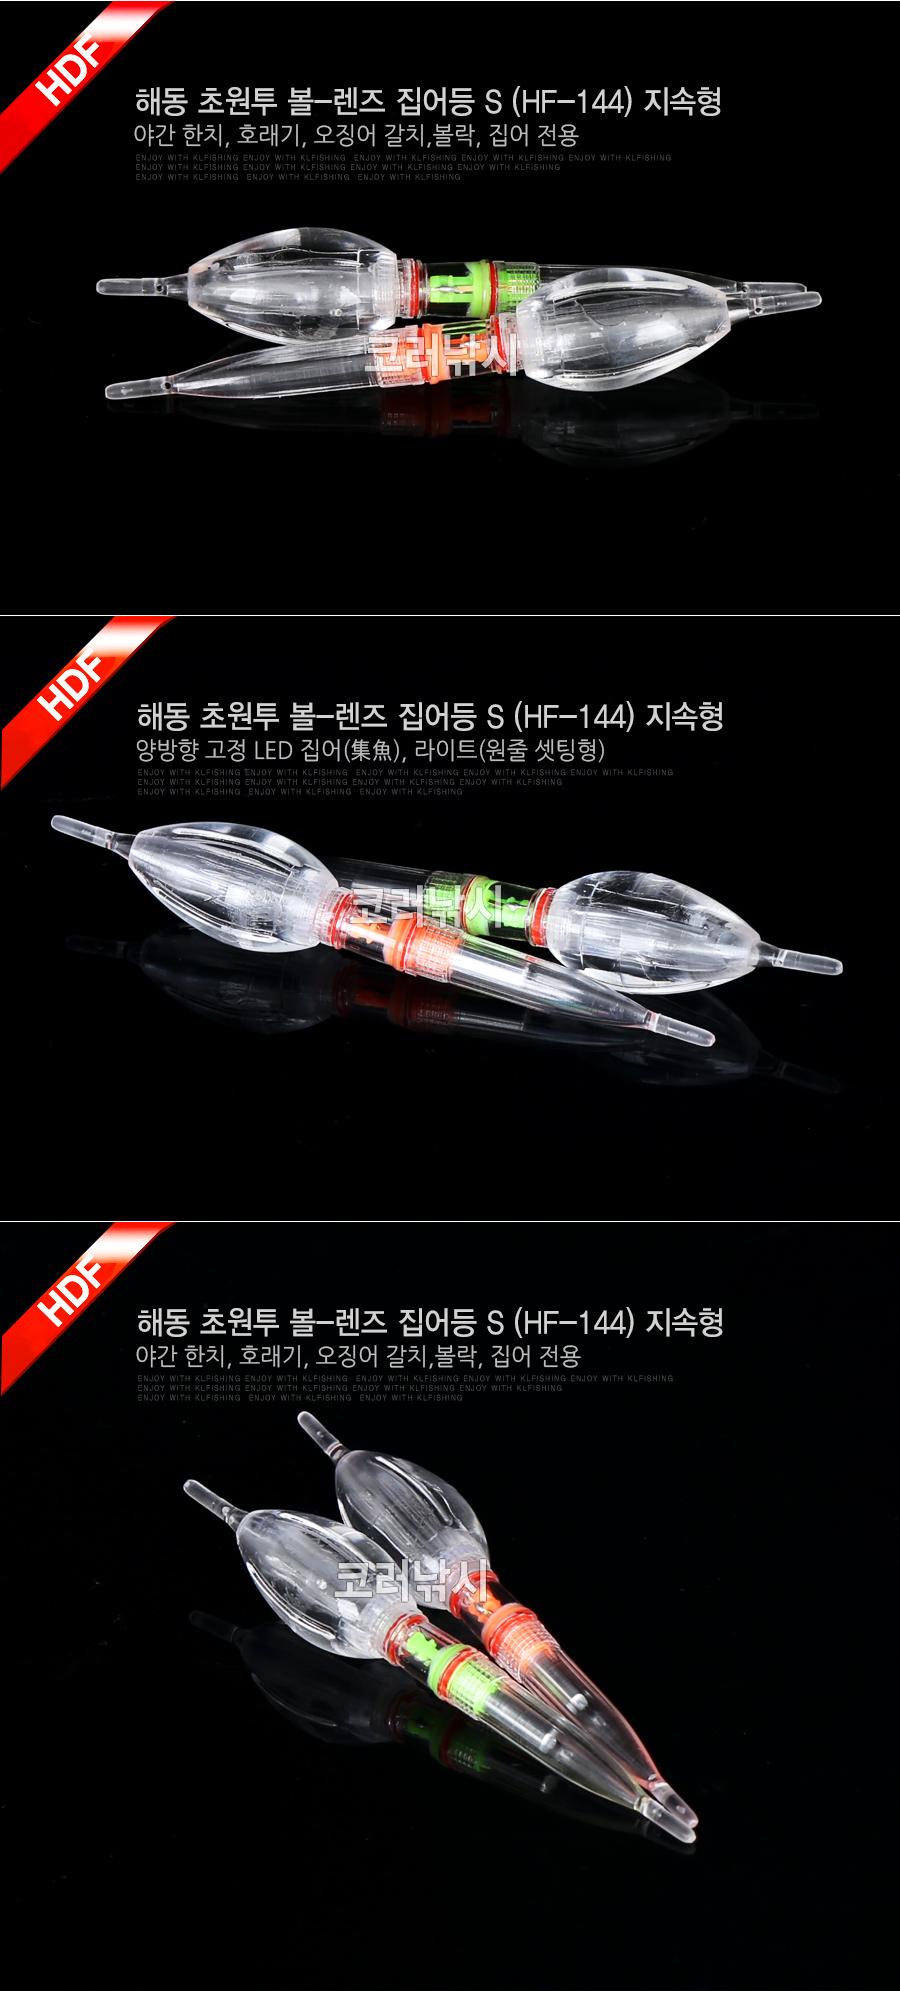 해동 초원투 볼-렌즈 집어등 S (HF-144) 지속형 메바트로볼 메바볼 볼락집어등 호래기집어등